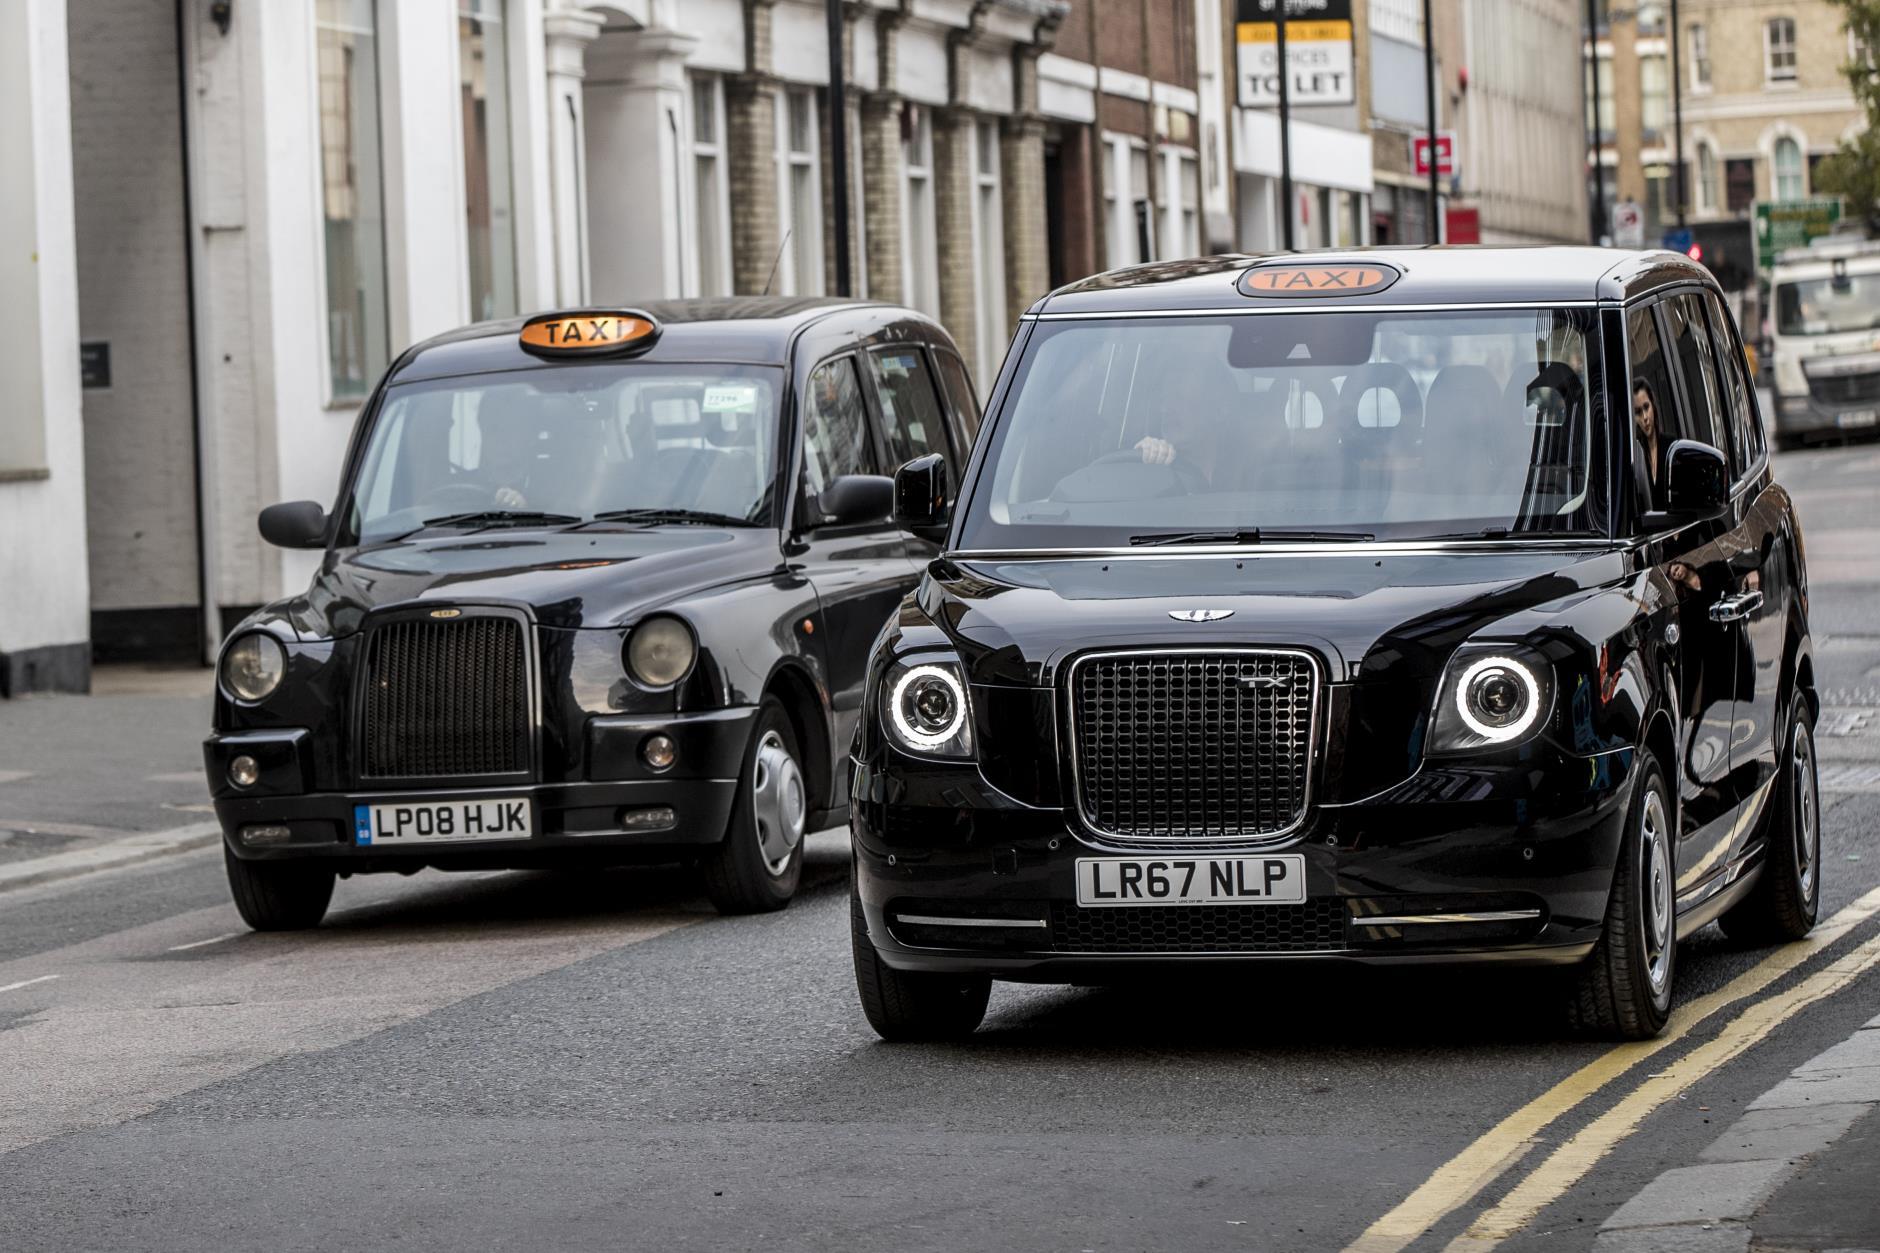 Лондонские таксисты пересаживаются на очень экономичные автомобили 1